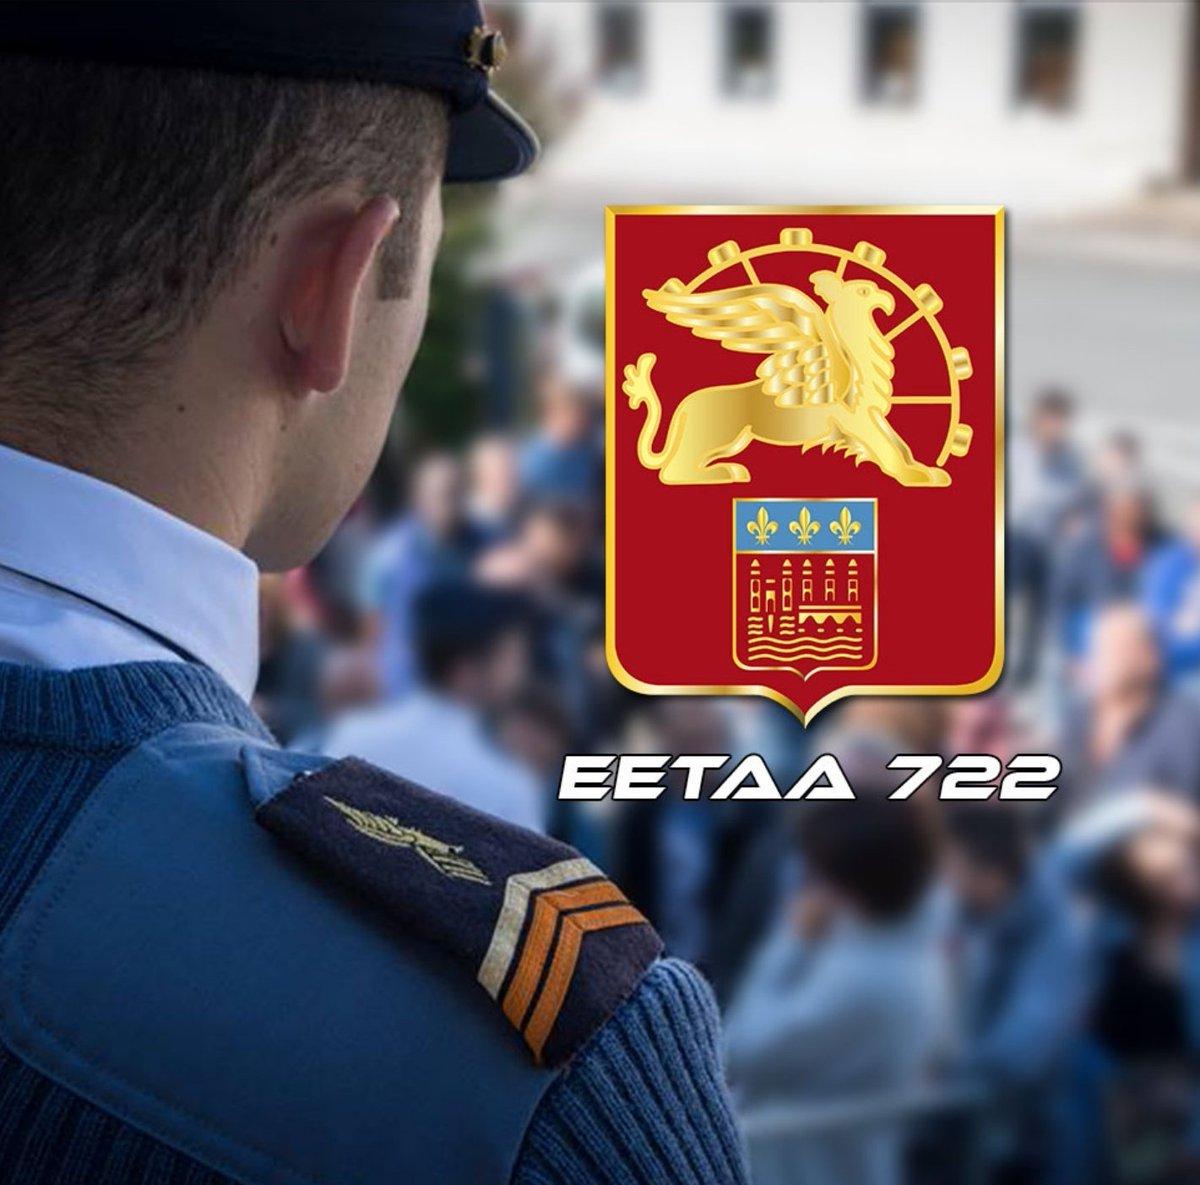 #ecole #formation #bac2021 #BAC  Connaissez-vous l'école d'enseignement technique de l'armée de l'air ? Vous pouvez devenir militaire et passer votre bac au sein de l'armée de l'Air et de l'Espace ! 💼 bac général, STI2D SIN, pro #aéronautique,  CAP aéro